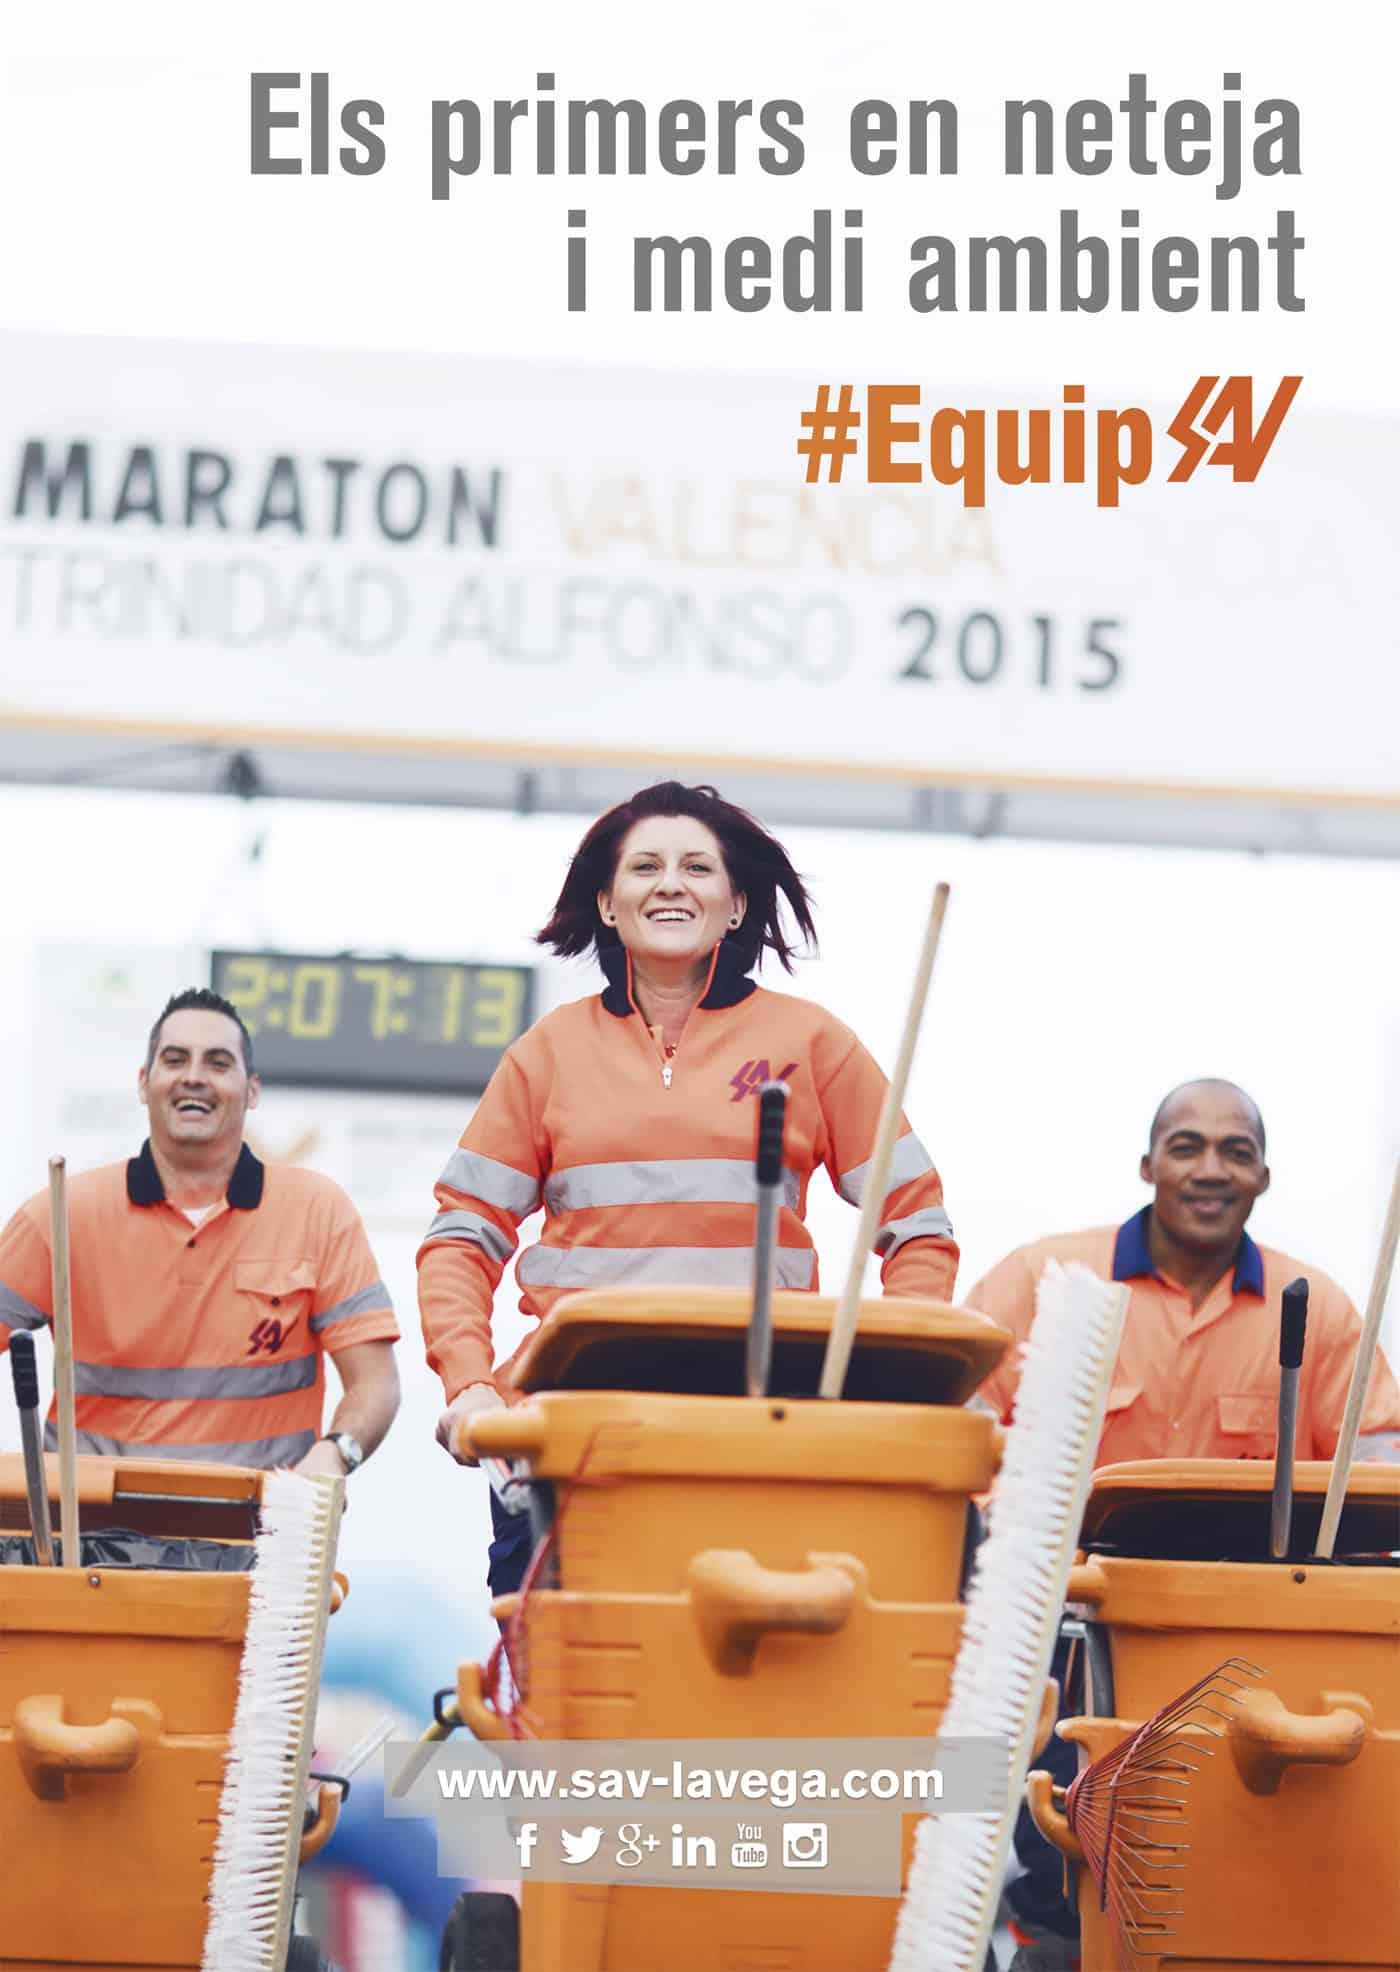 Publicidad Maraton de Valencia 2015 SAV